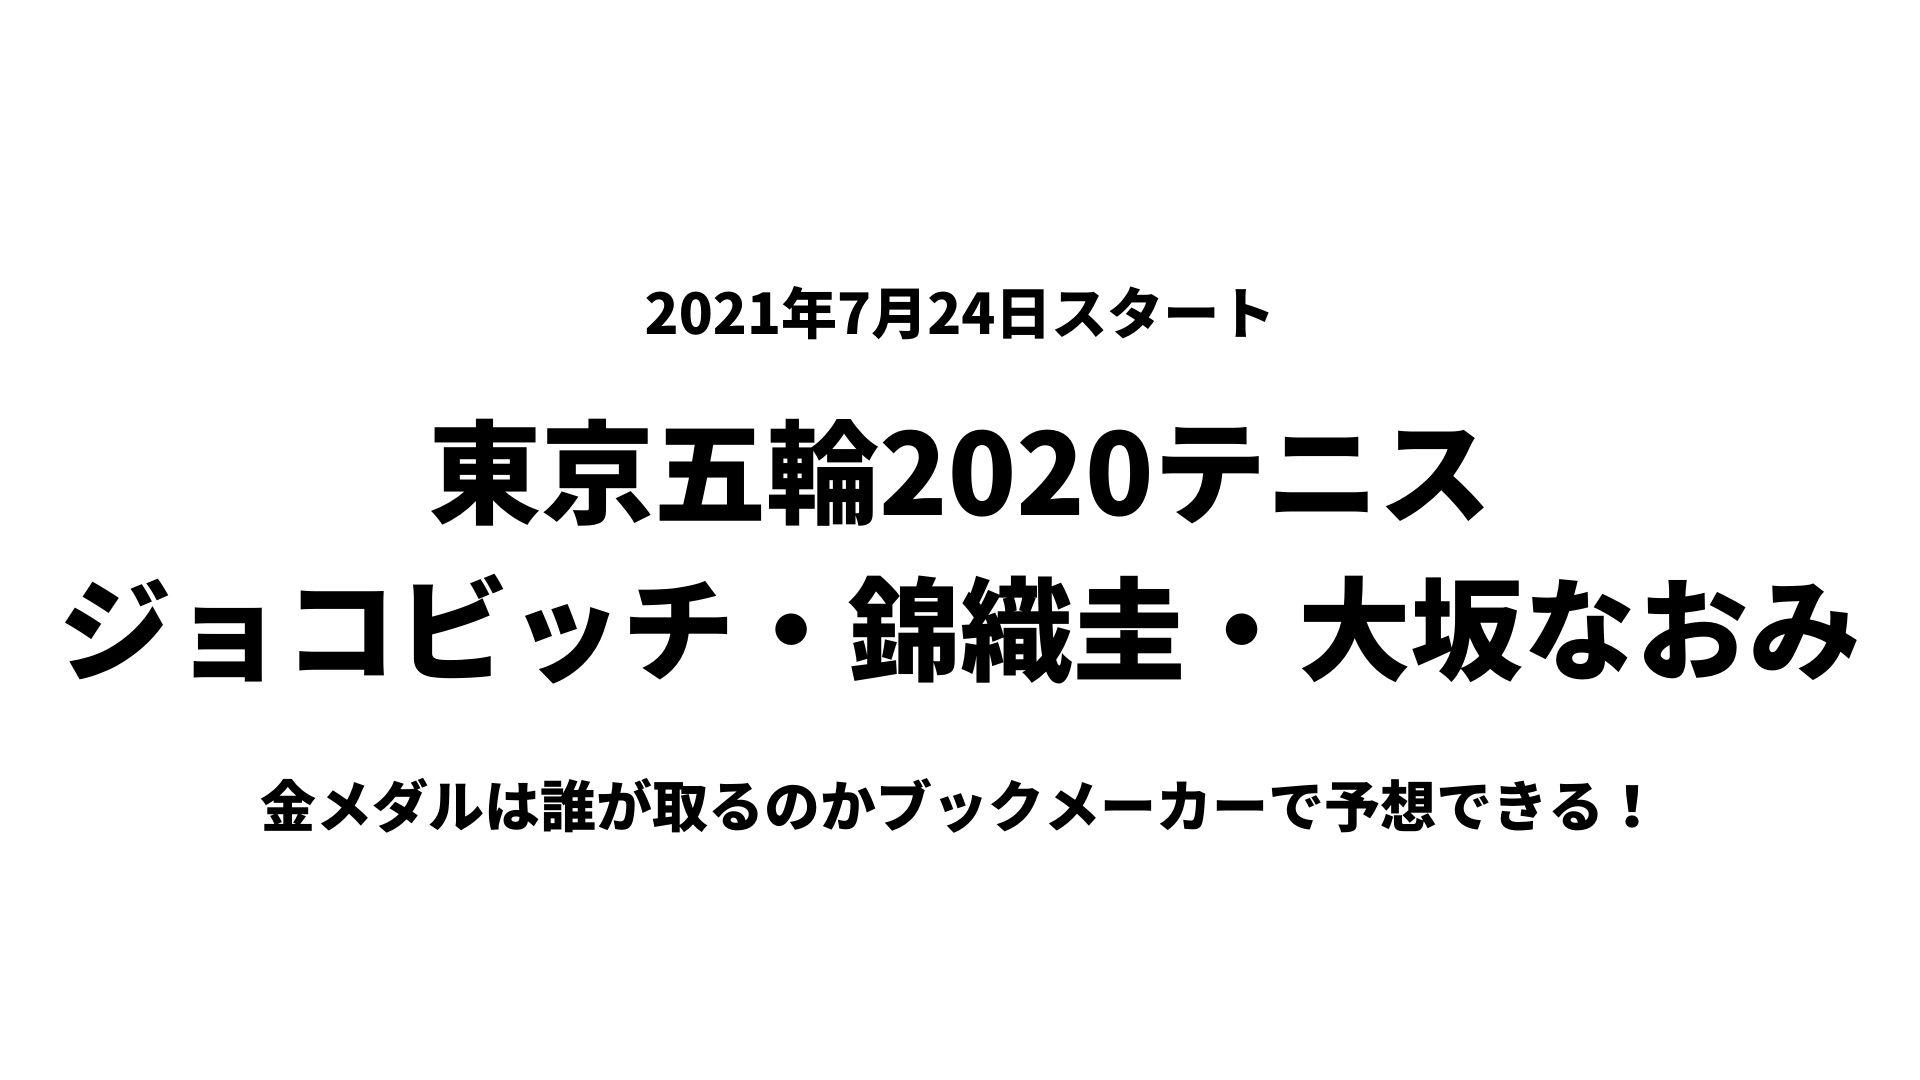 東京五輪2020テニスの金メダル予想